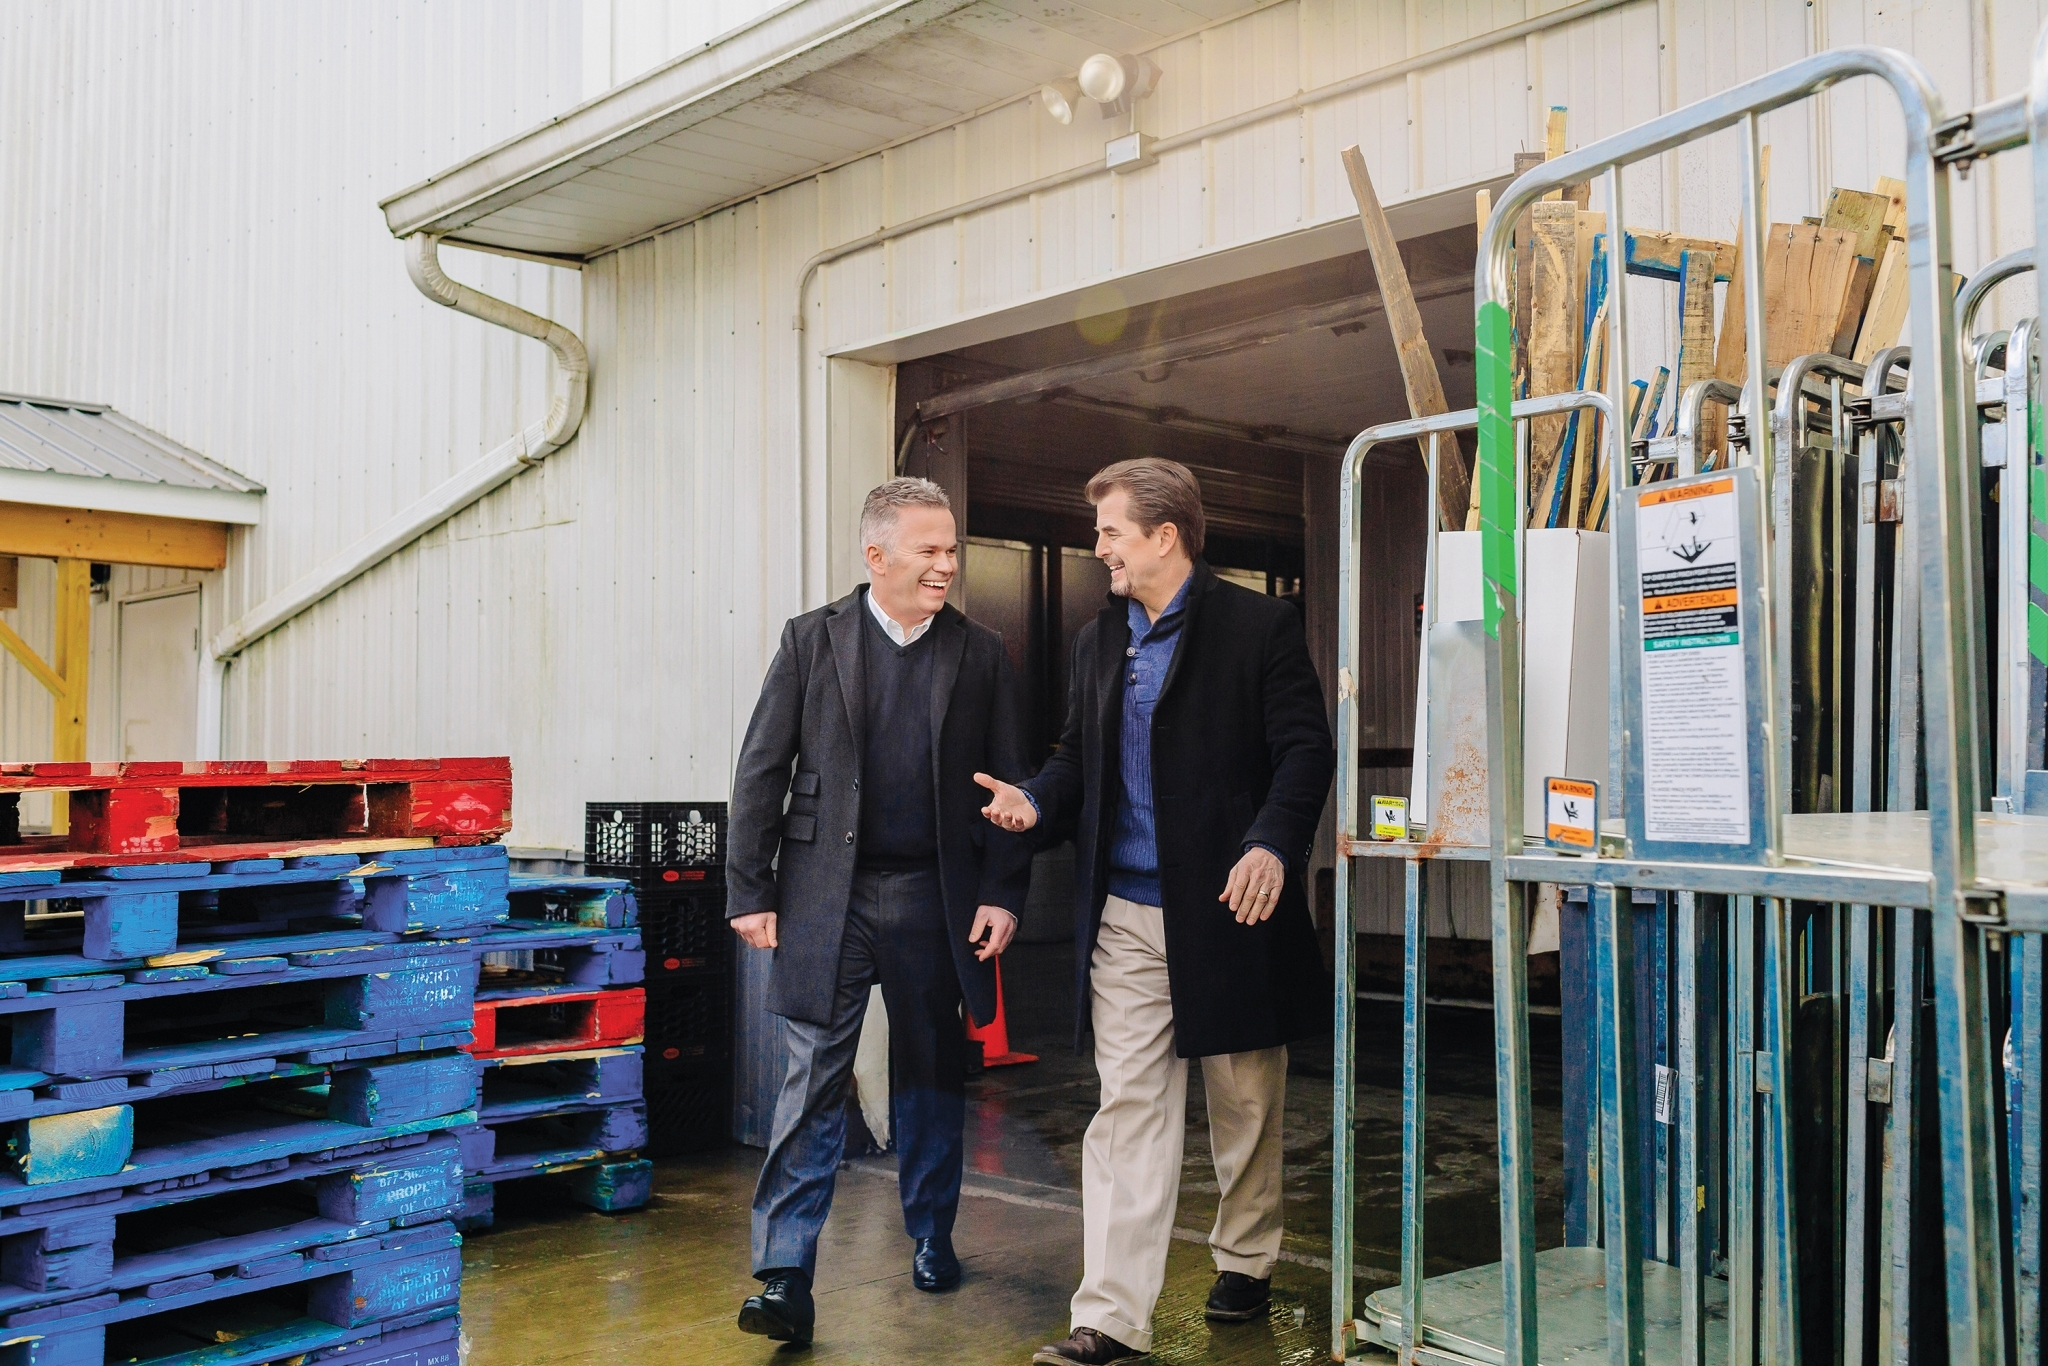 Men Walking Out of Garage